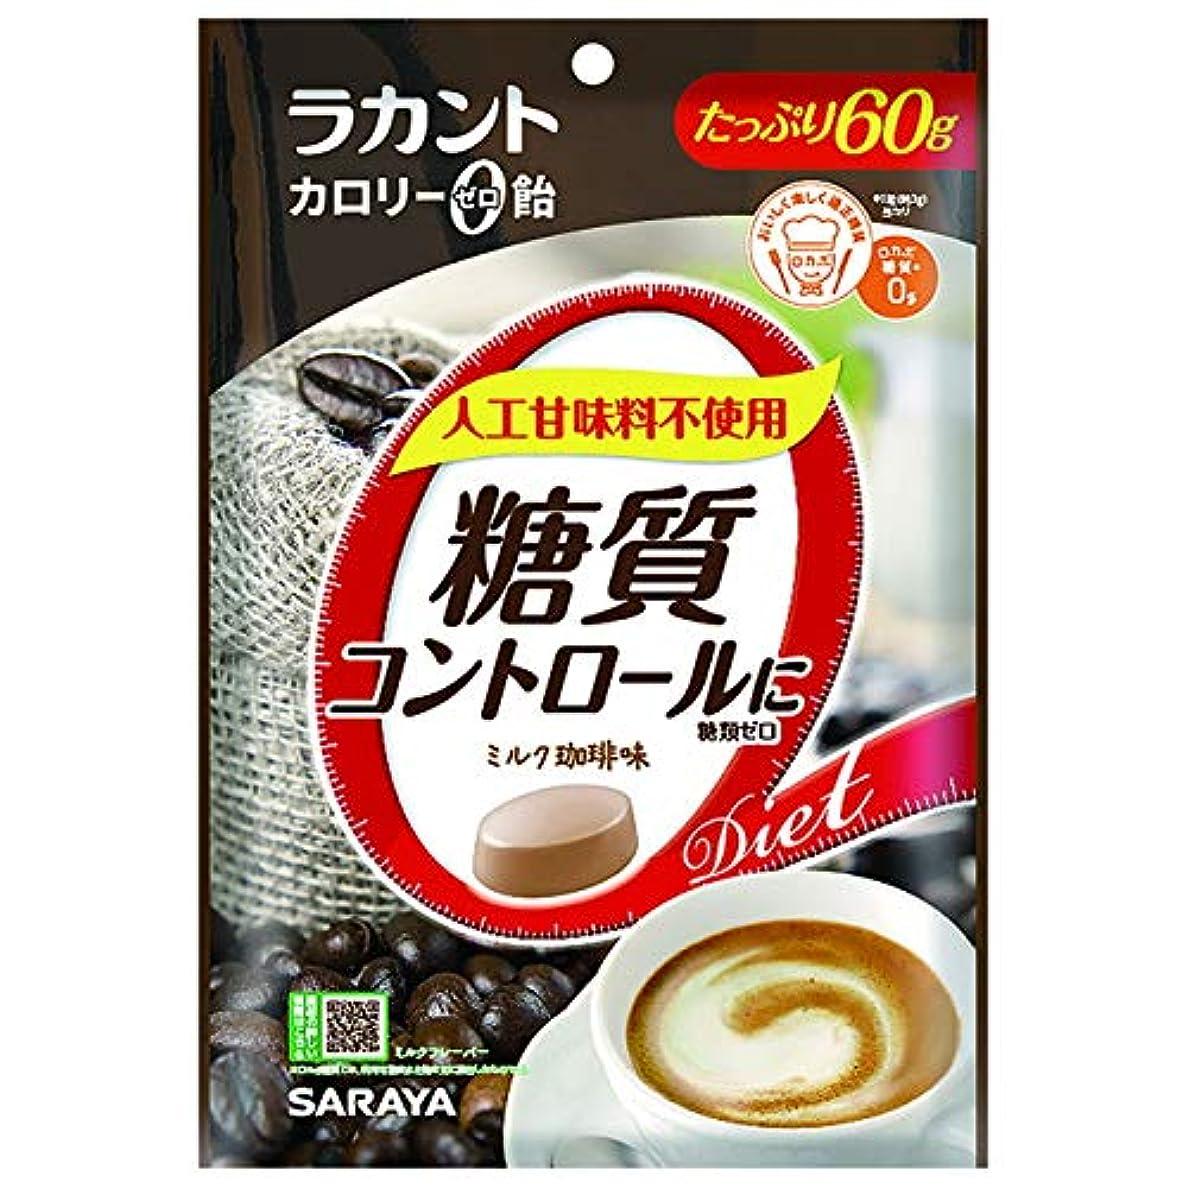 ずっと幾分代表するラカント カロリーゼロ飴 ミルク珈琲 60g【3個セット】